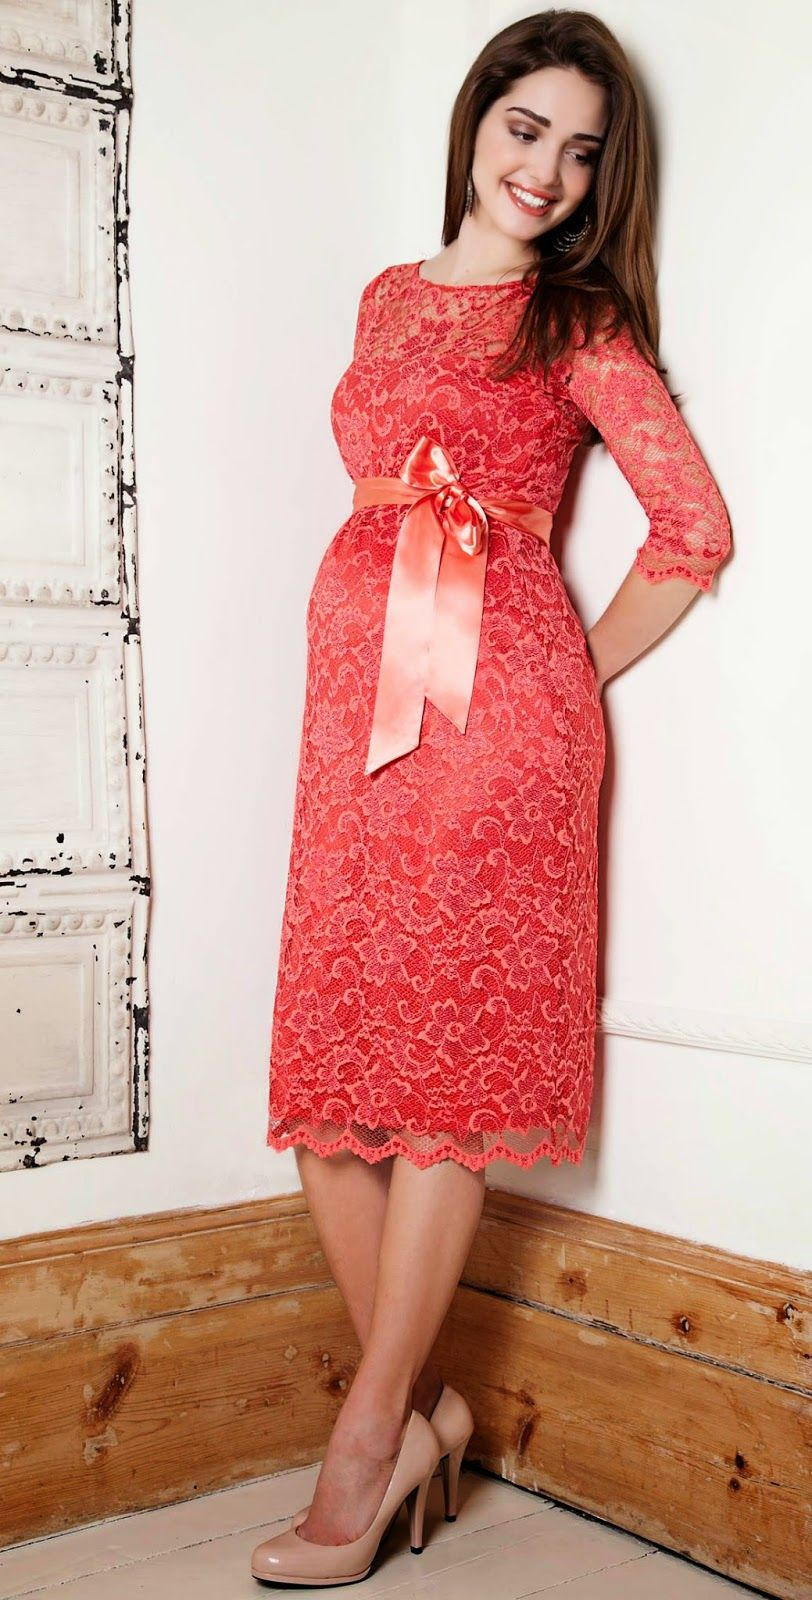 c94ee1908 Alternativas de vestidos de fiesta para embarazadas